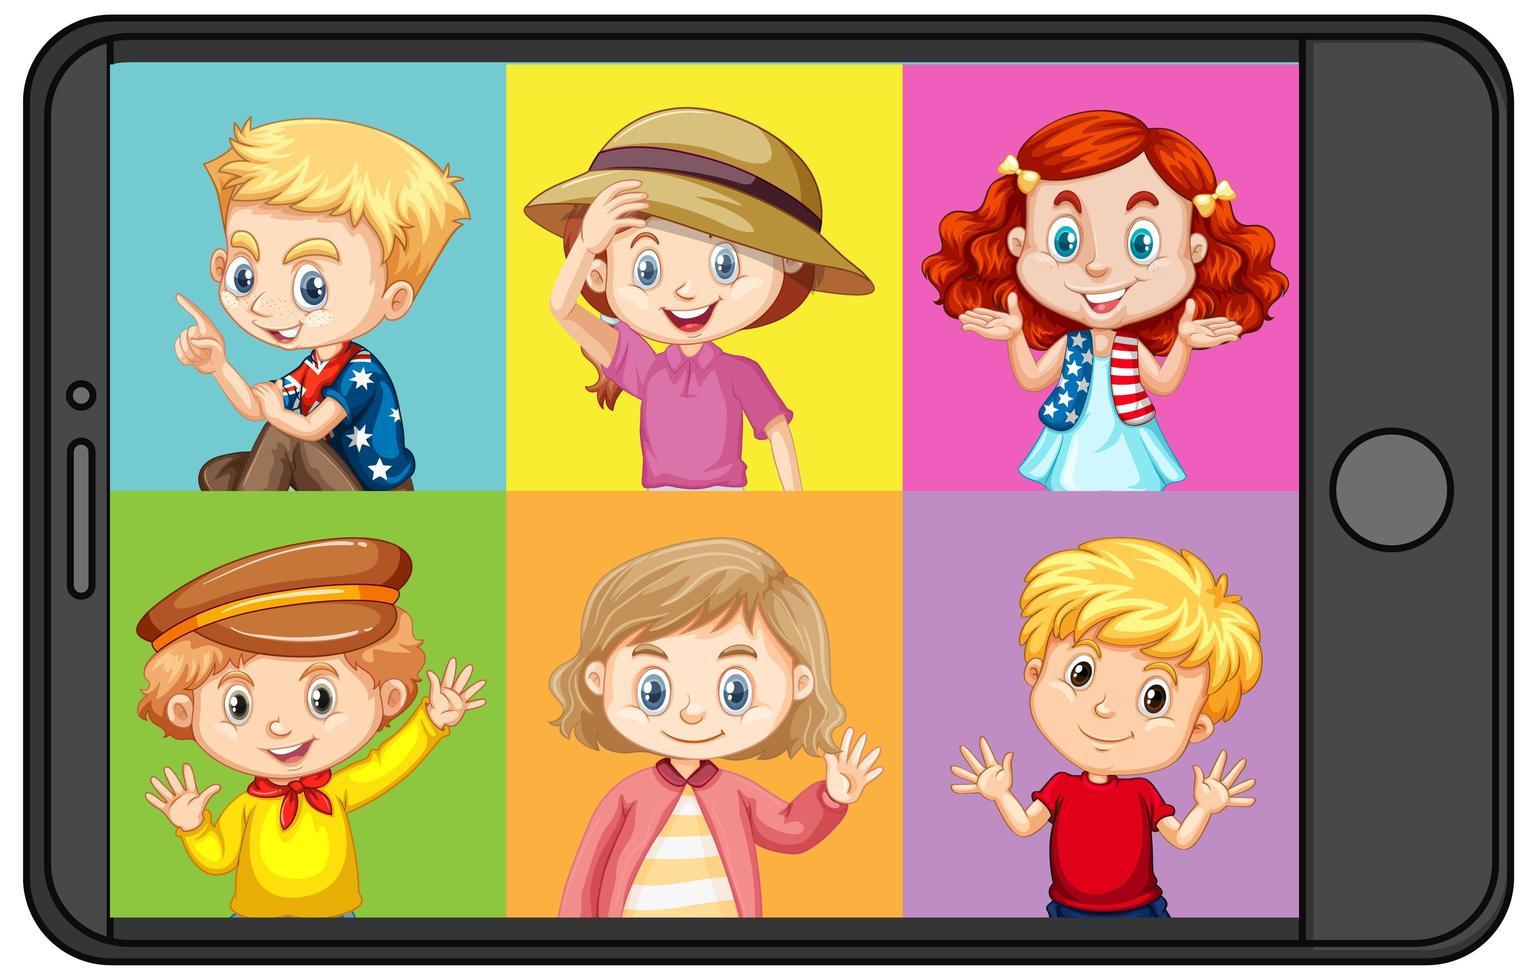 olika barn seriefigur på smartphone skärmen vektor